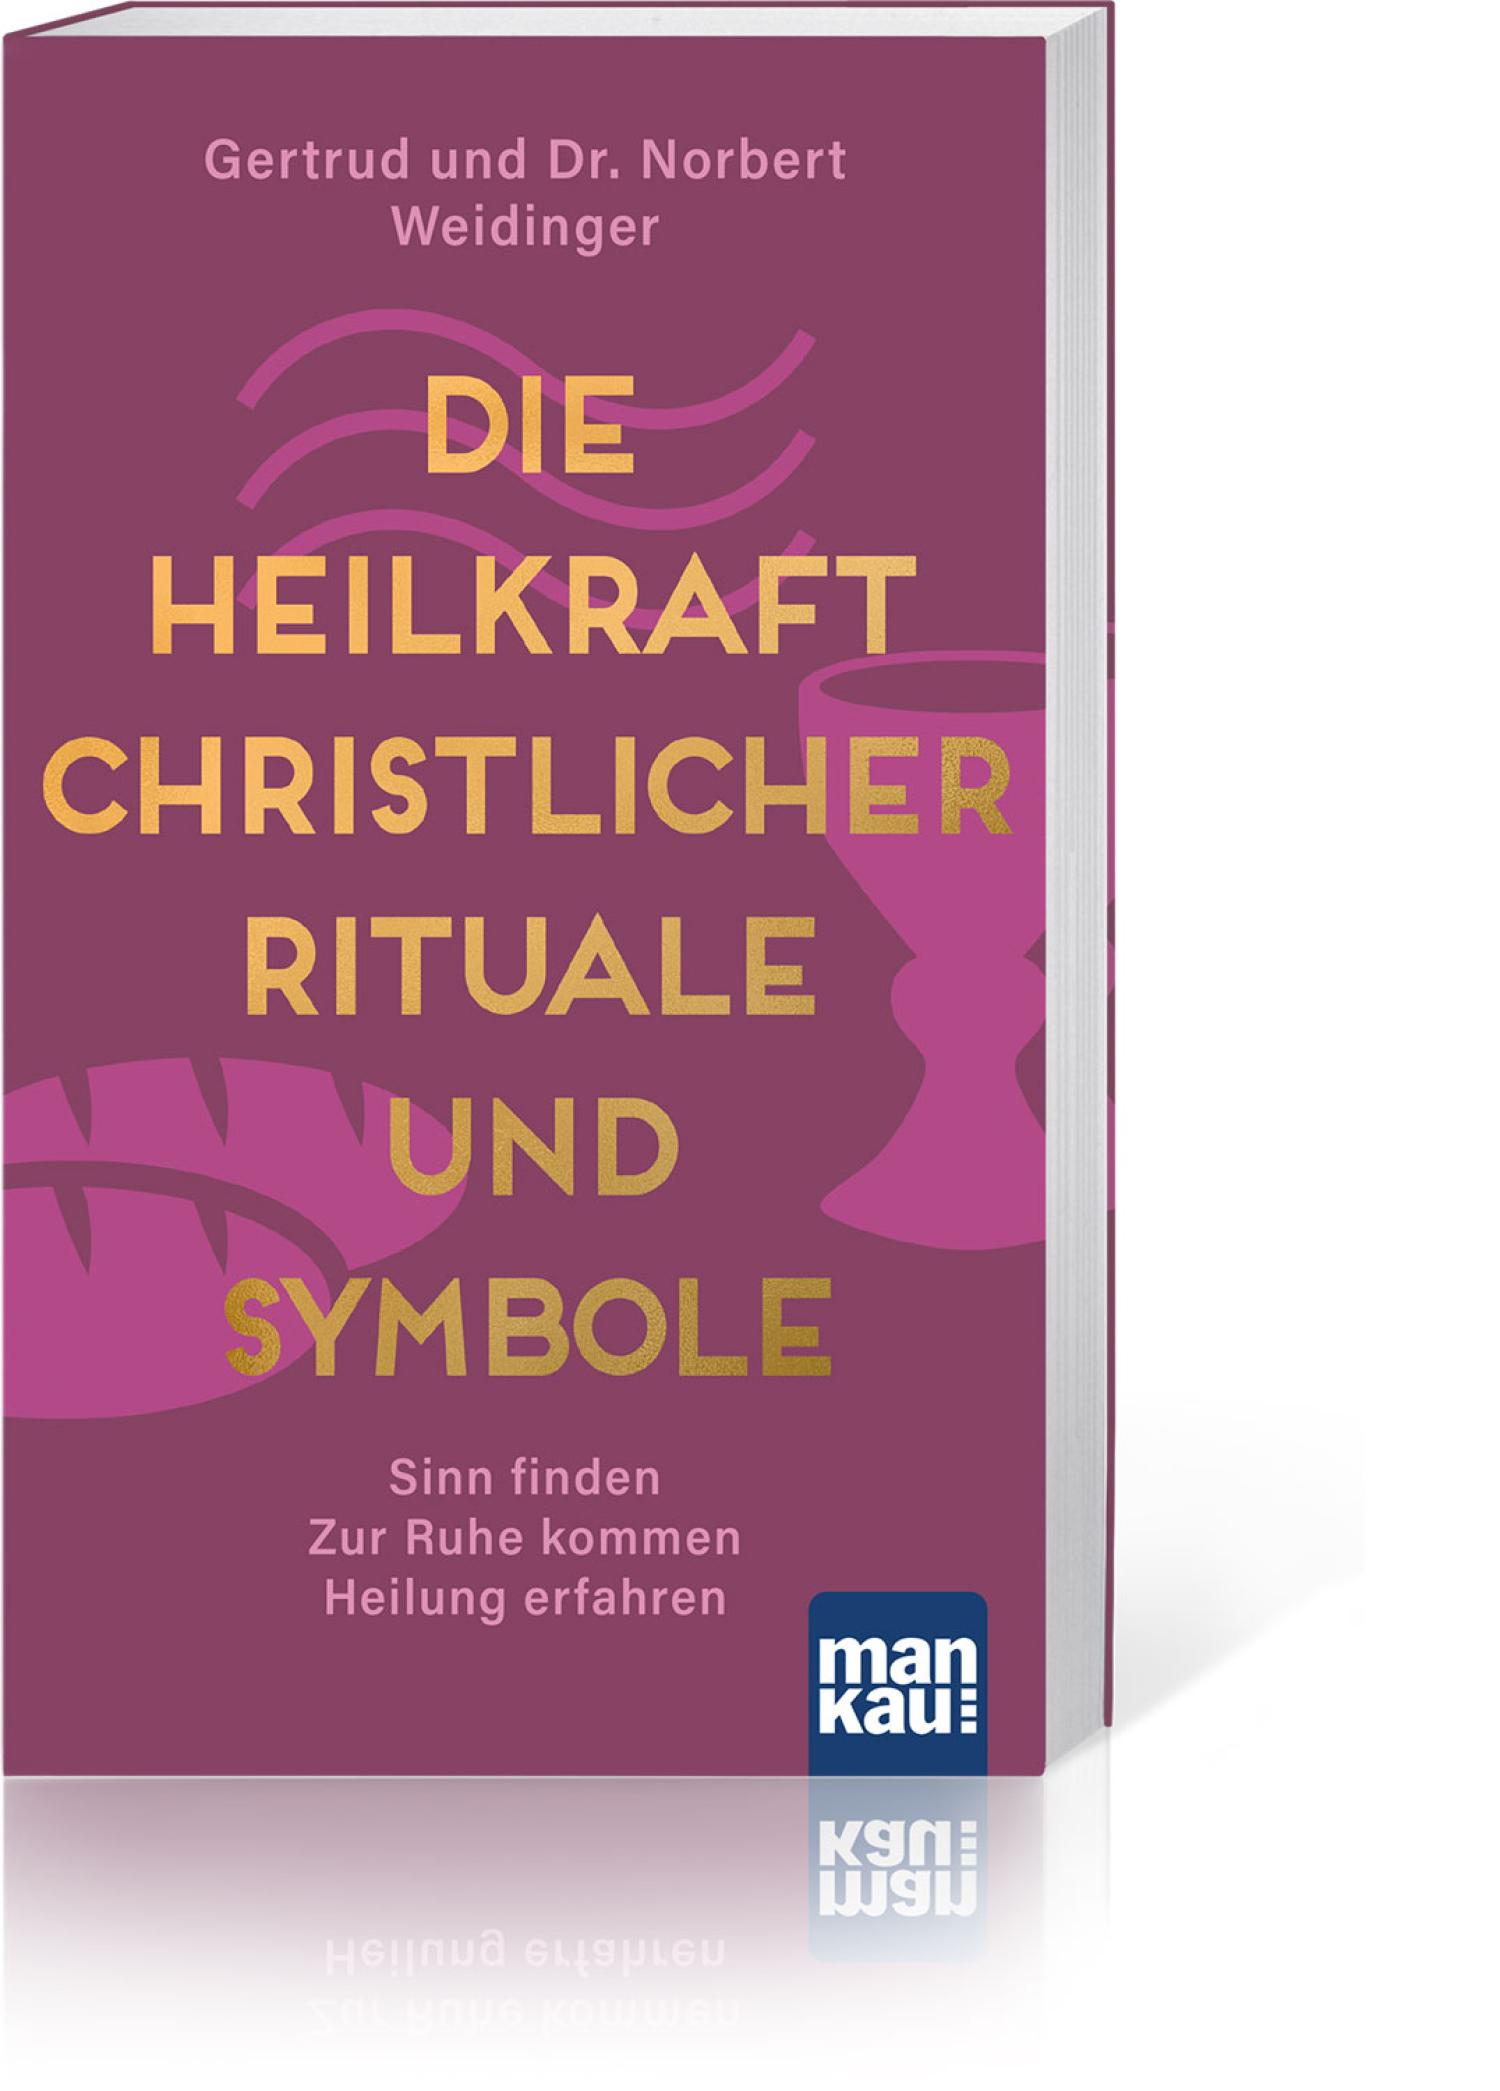 Die Heilkraft christlicher Rituale und Symbole, Produktbild 1